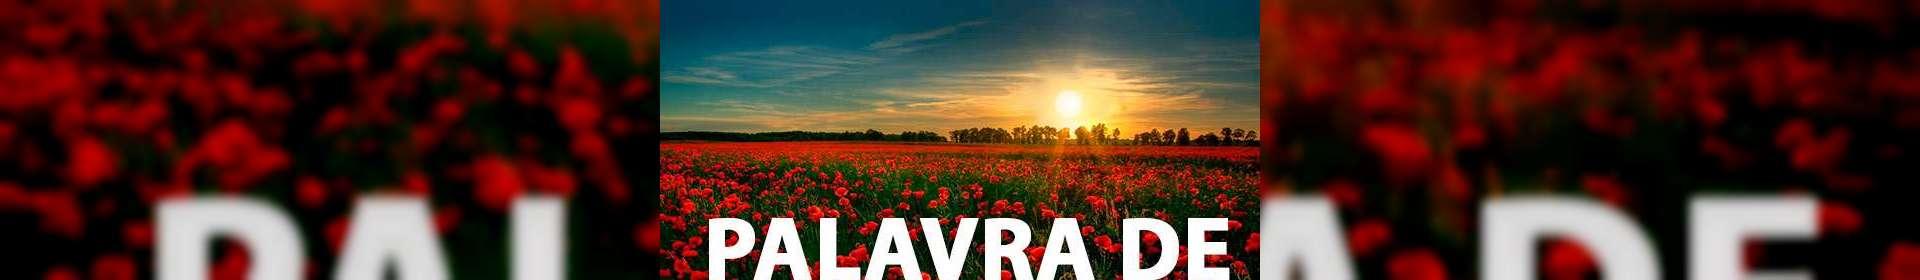 Salmos 6:9 - Uma Palavra de Esperança para sua vida